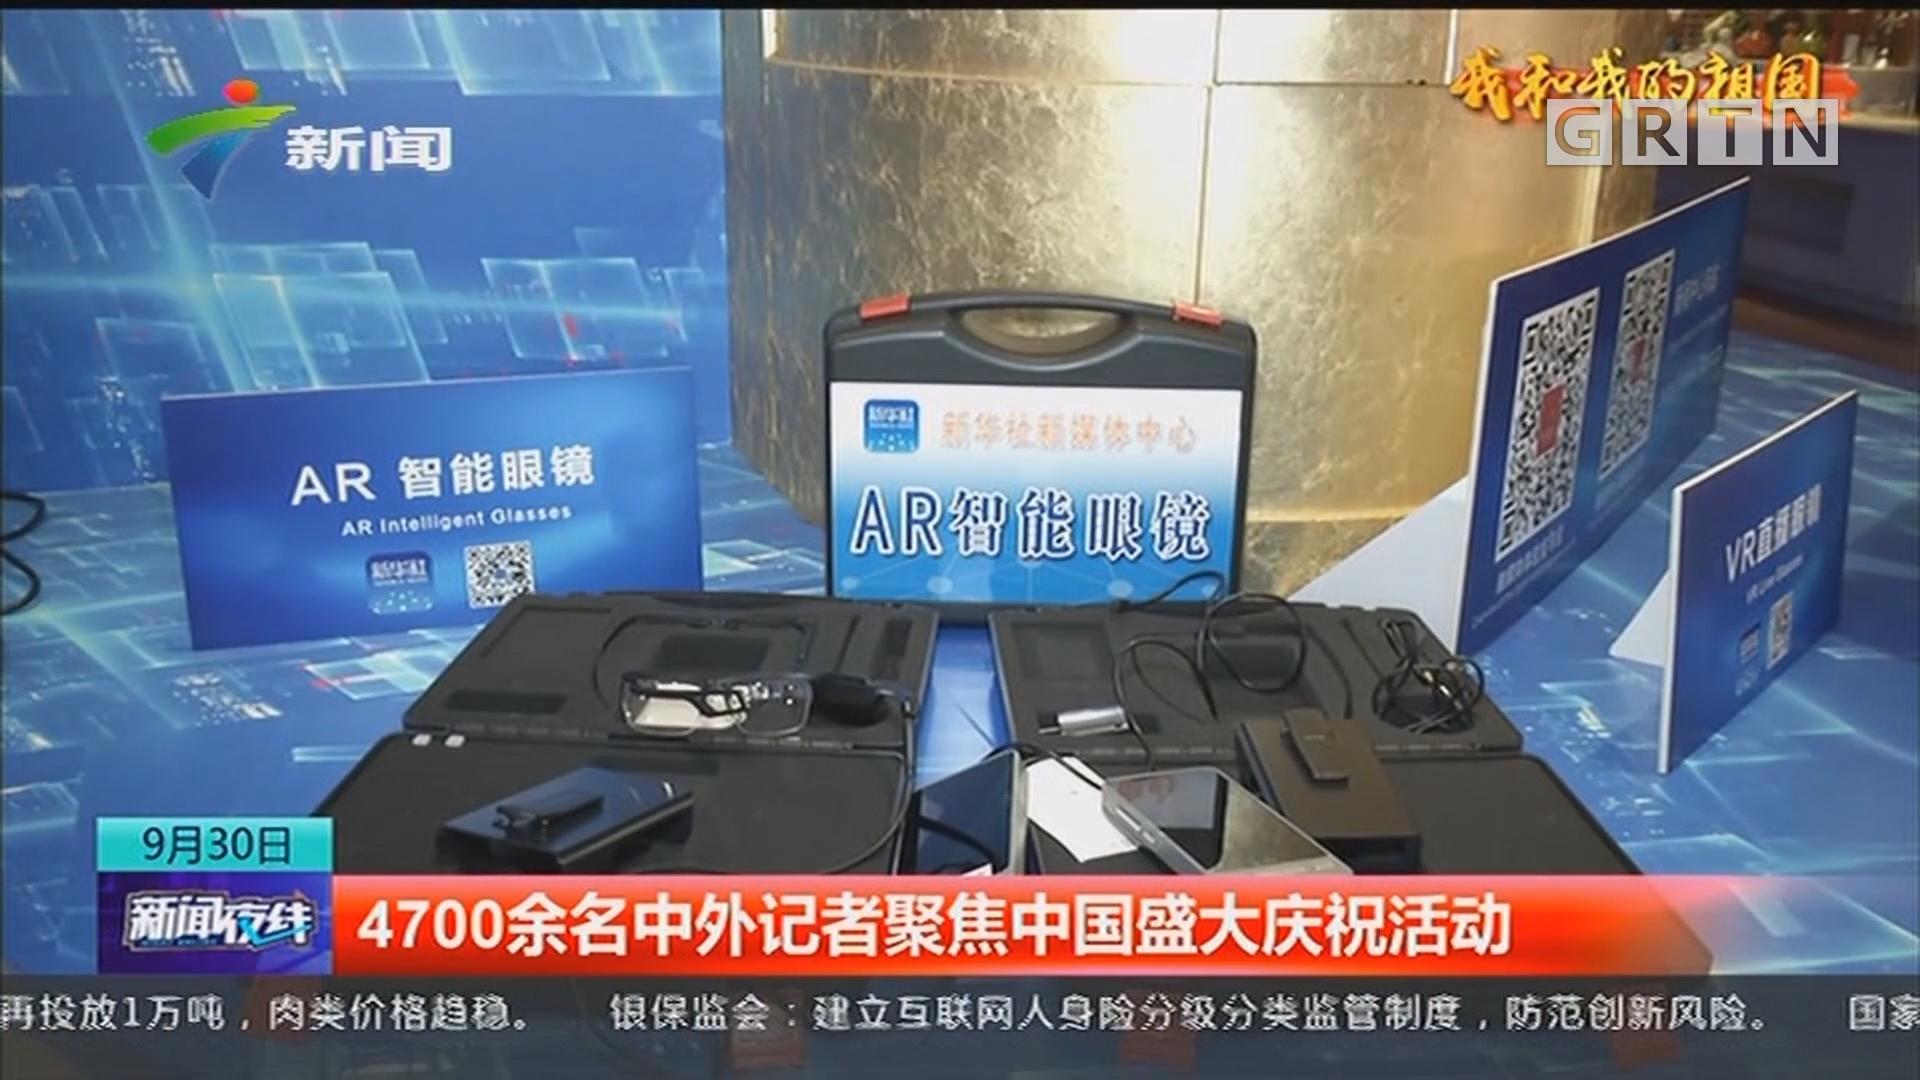 4700余名中外记者聚焦中国盛大庆祝活动